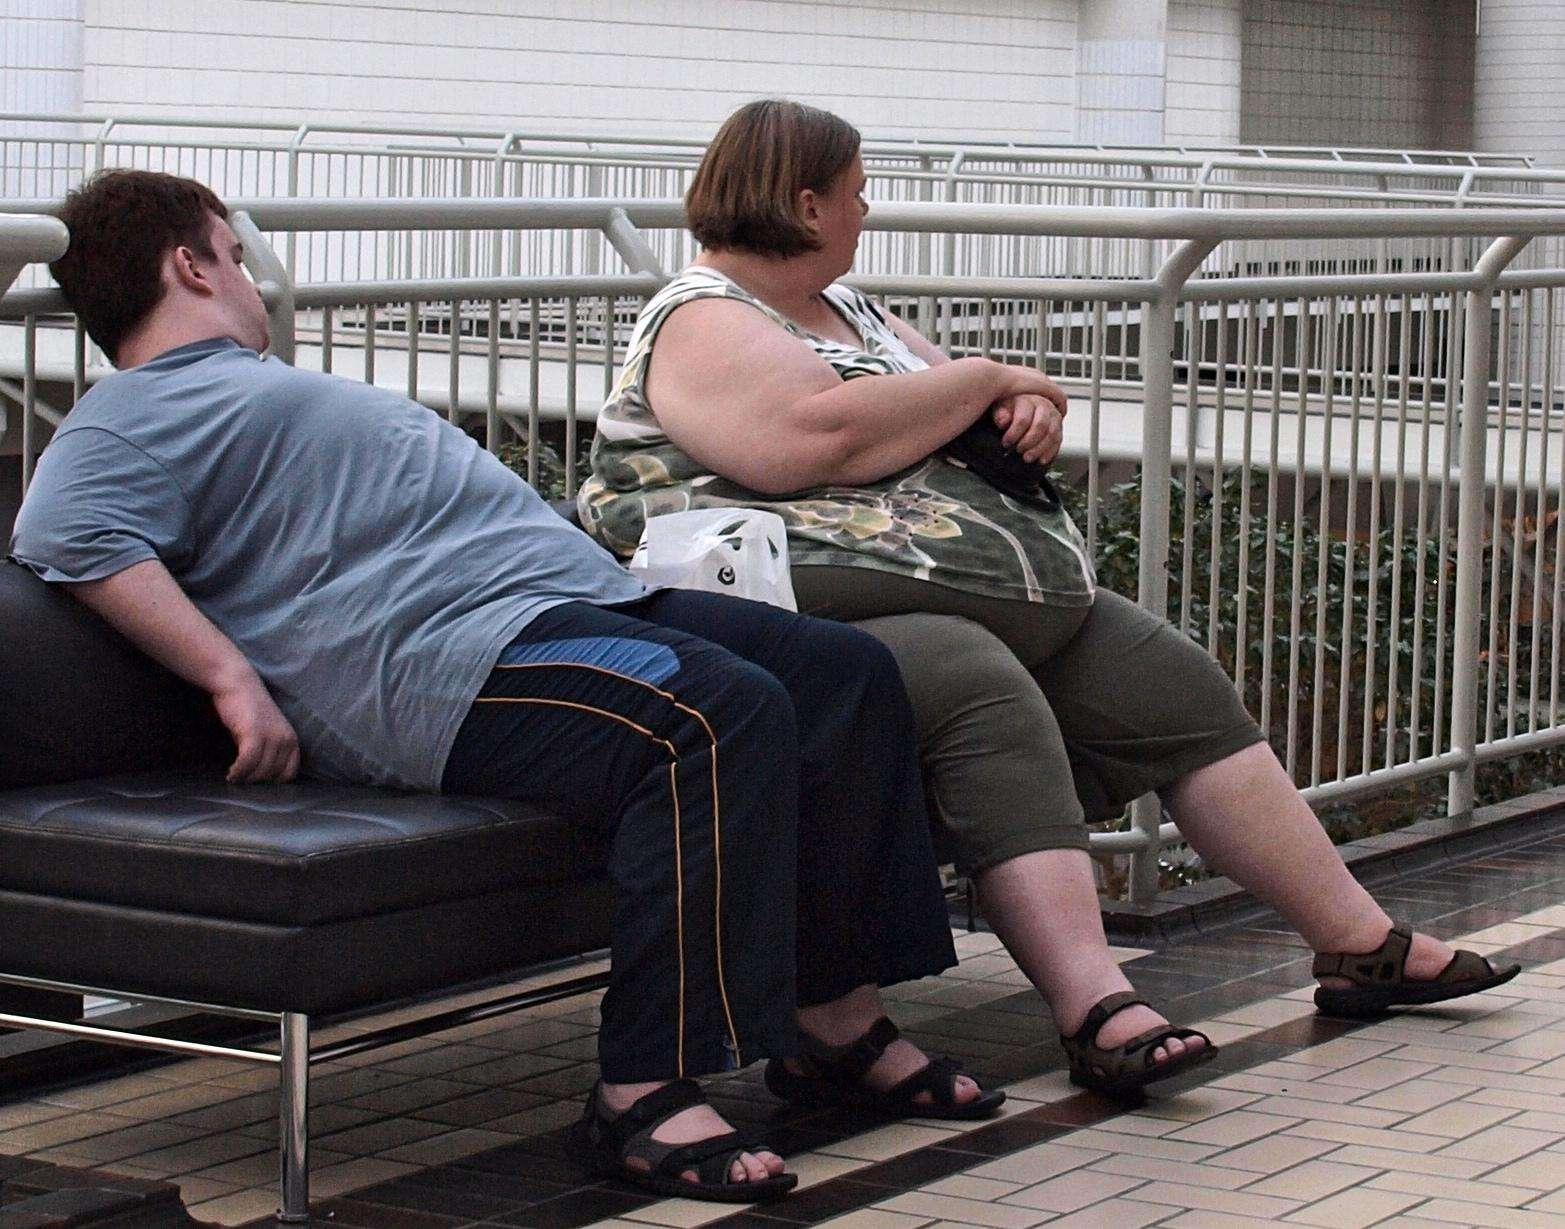 Les aliments gras et sucrés préserveraient le système nerveux entérique, aussi surnommé second cerveau, et faciliteraient ainsi l'obésité. Cette pathologie est un fléau international, qui affecte plus d'un milliard de personnes, principalement dans les pays développés. Les personnes en sous-nutrition sont, selon un rapport de la Croix-Rouge remis en septembre dernier, moins nombreuses. © colros, Flickr, cc by sa 2.0